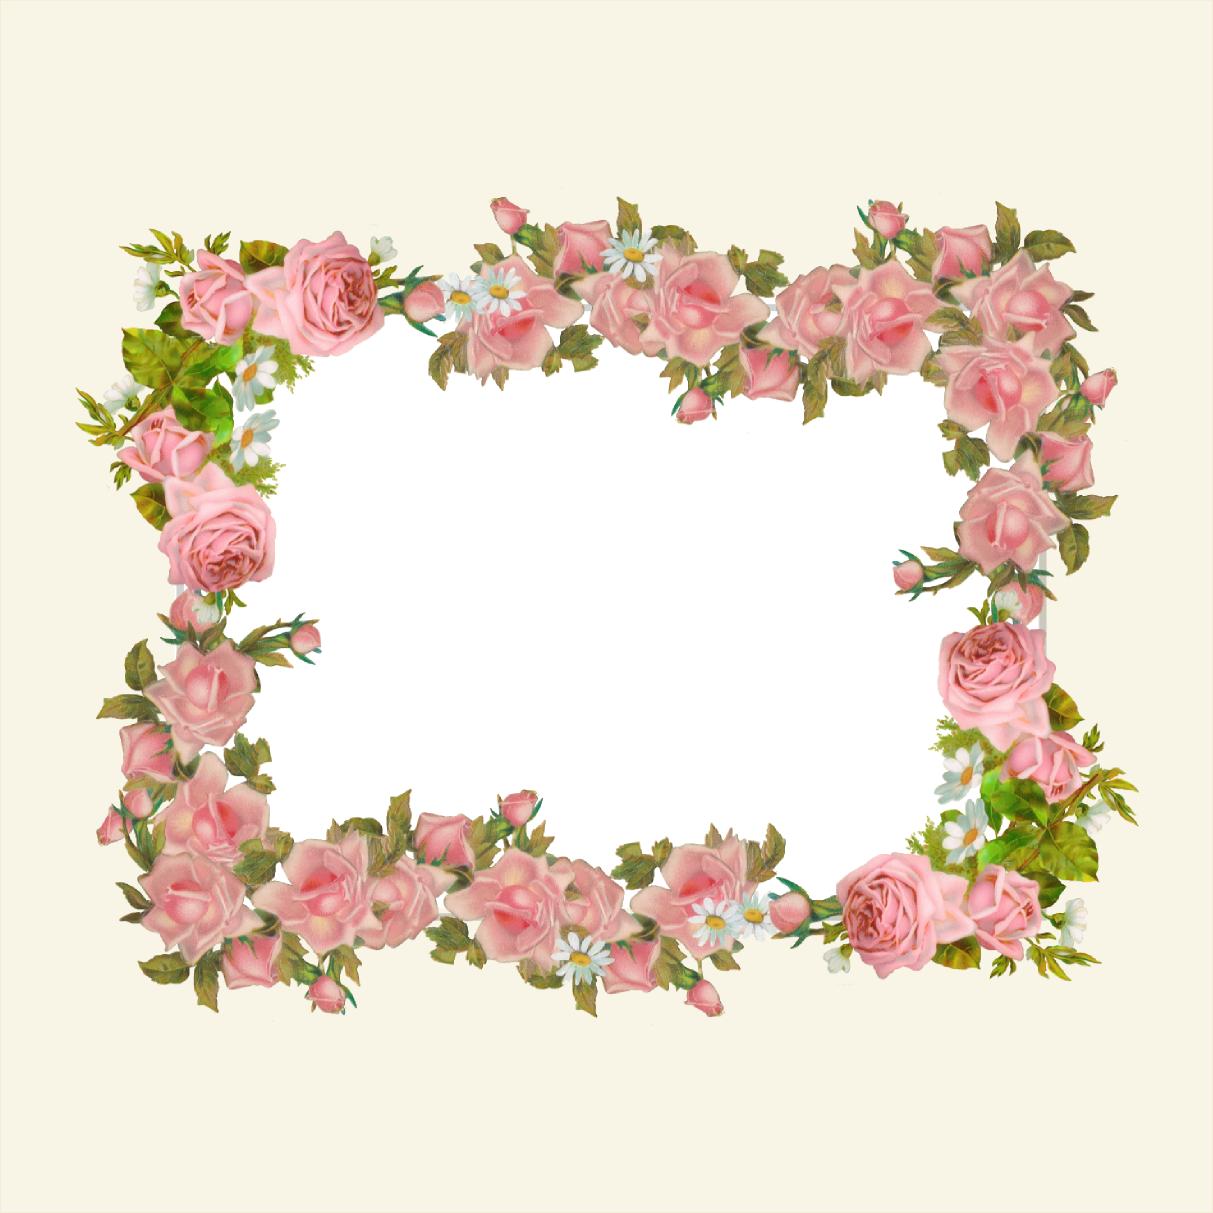 Free digital vintage rose frame and scrapbooking paper.